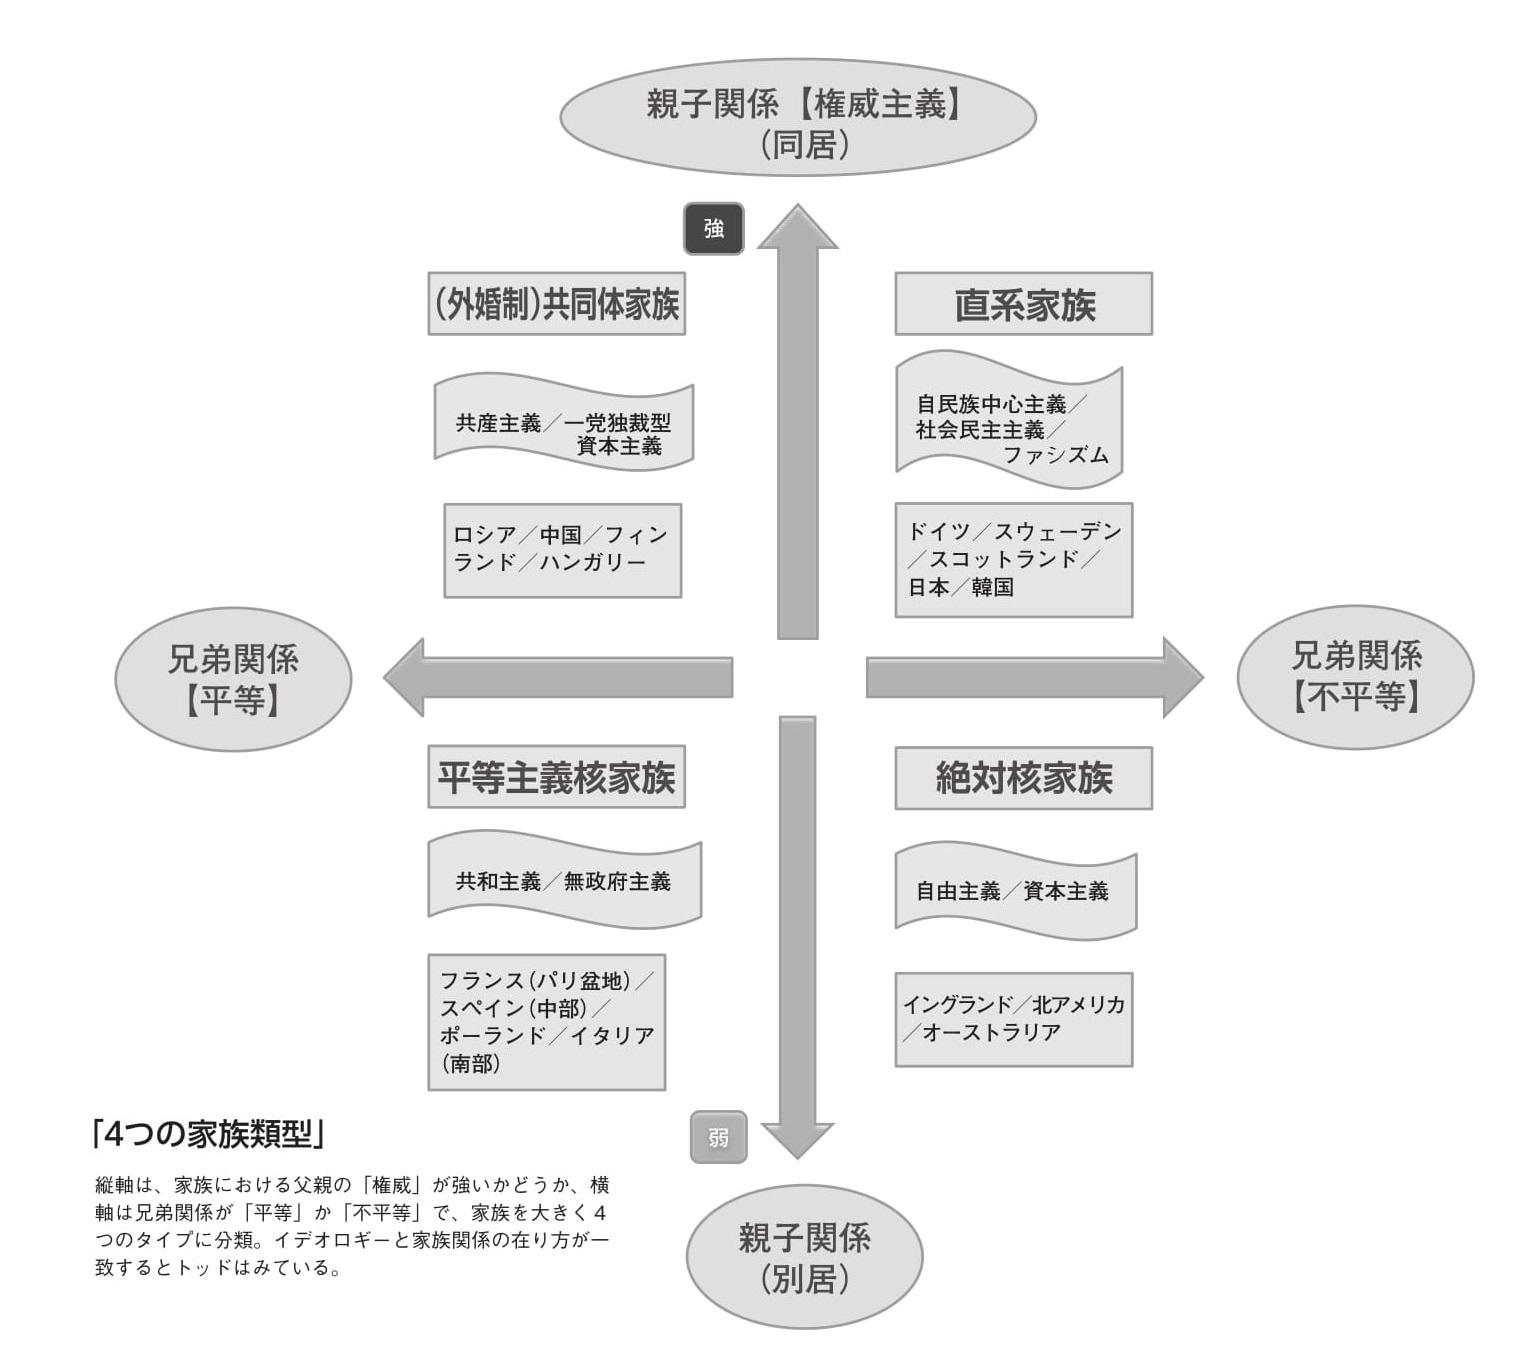 エマニュエル・トッド理論から解く日本「組織ができれば必ず直系家族的な思考が支配する」